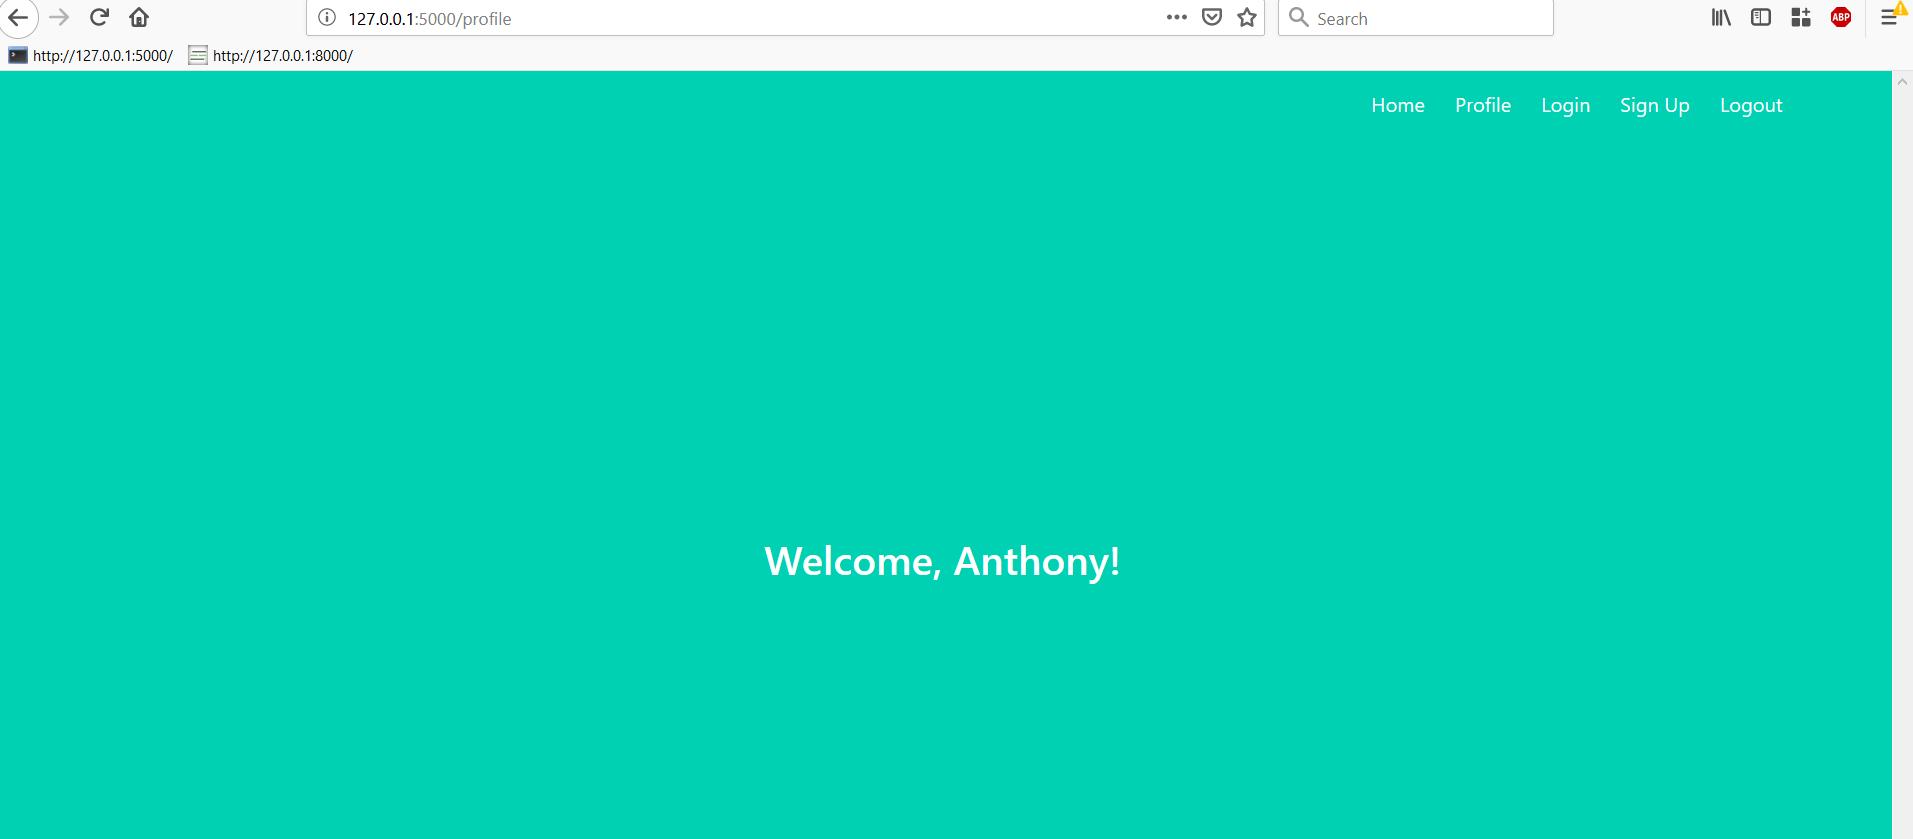 Страница профиля с текстом «Welcome, Anthony!»